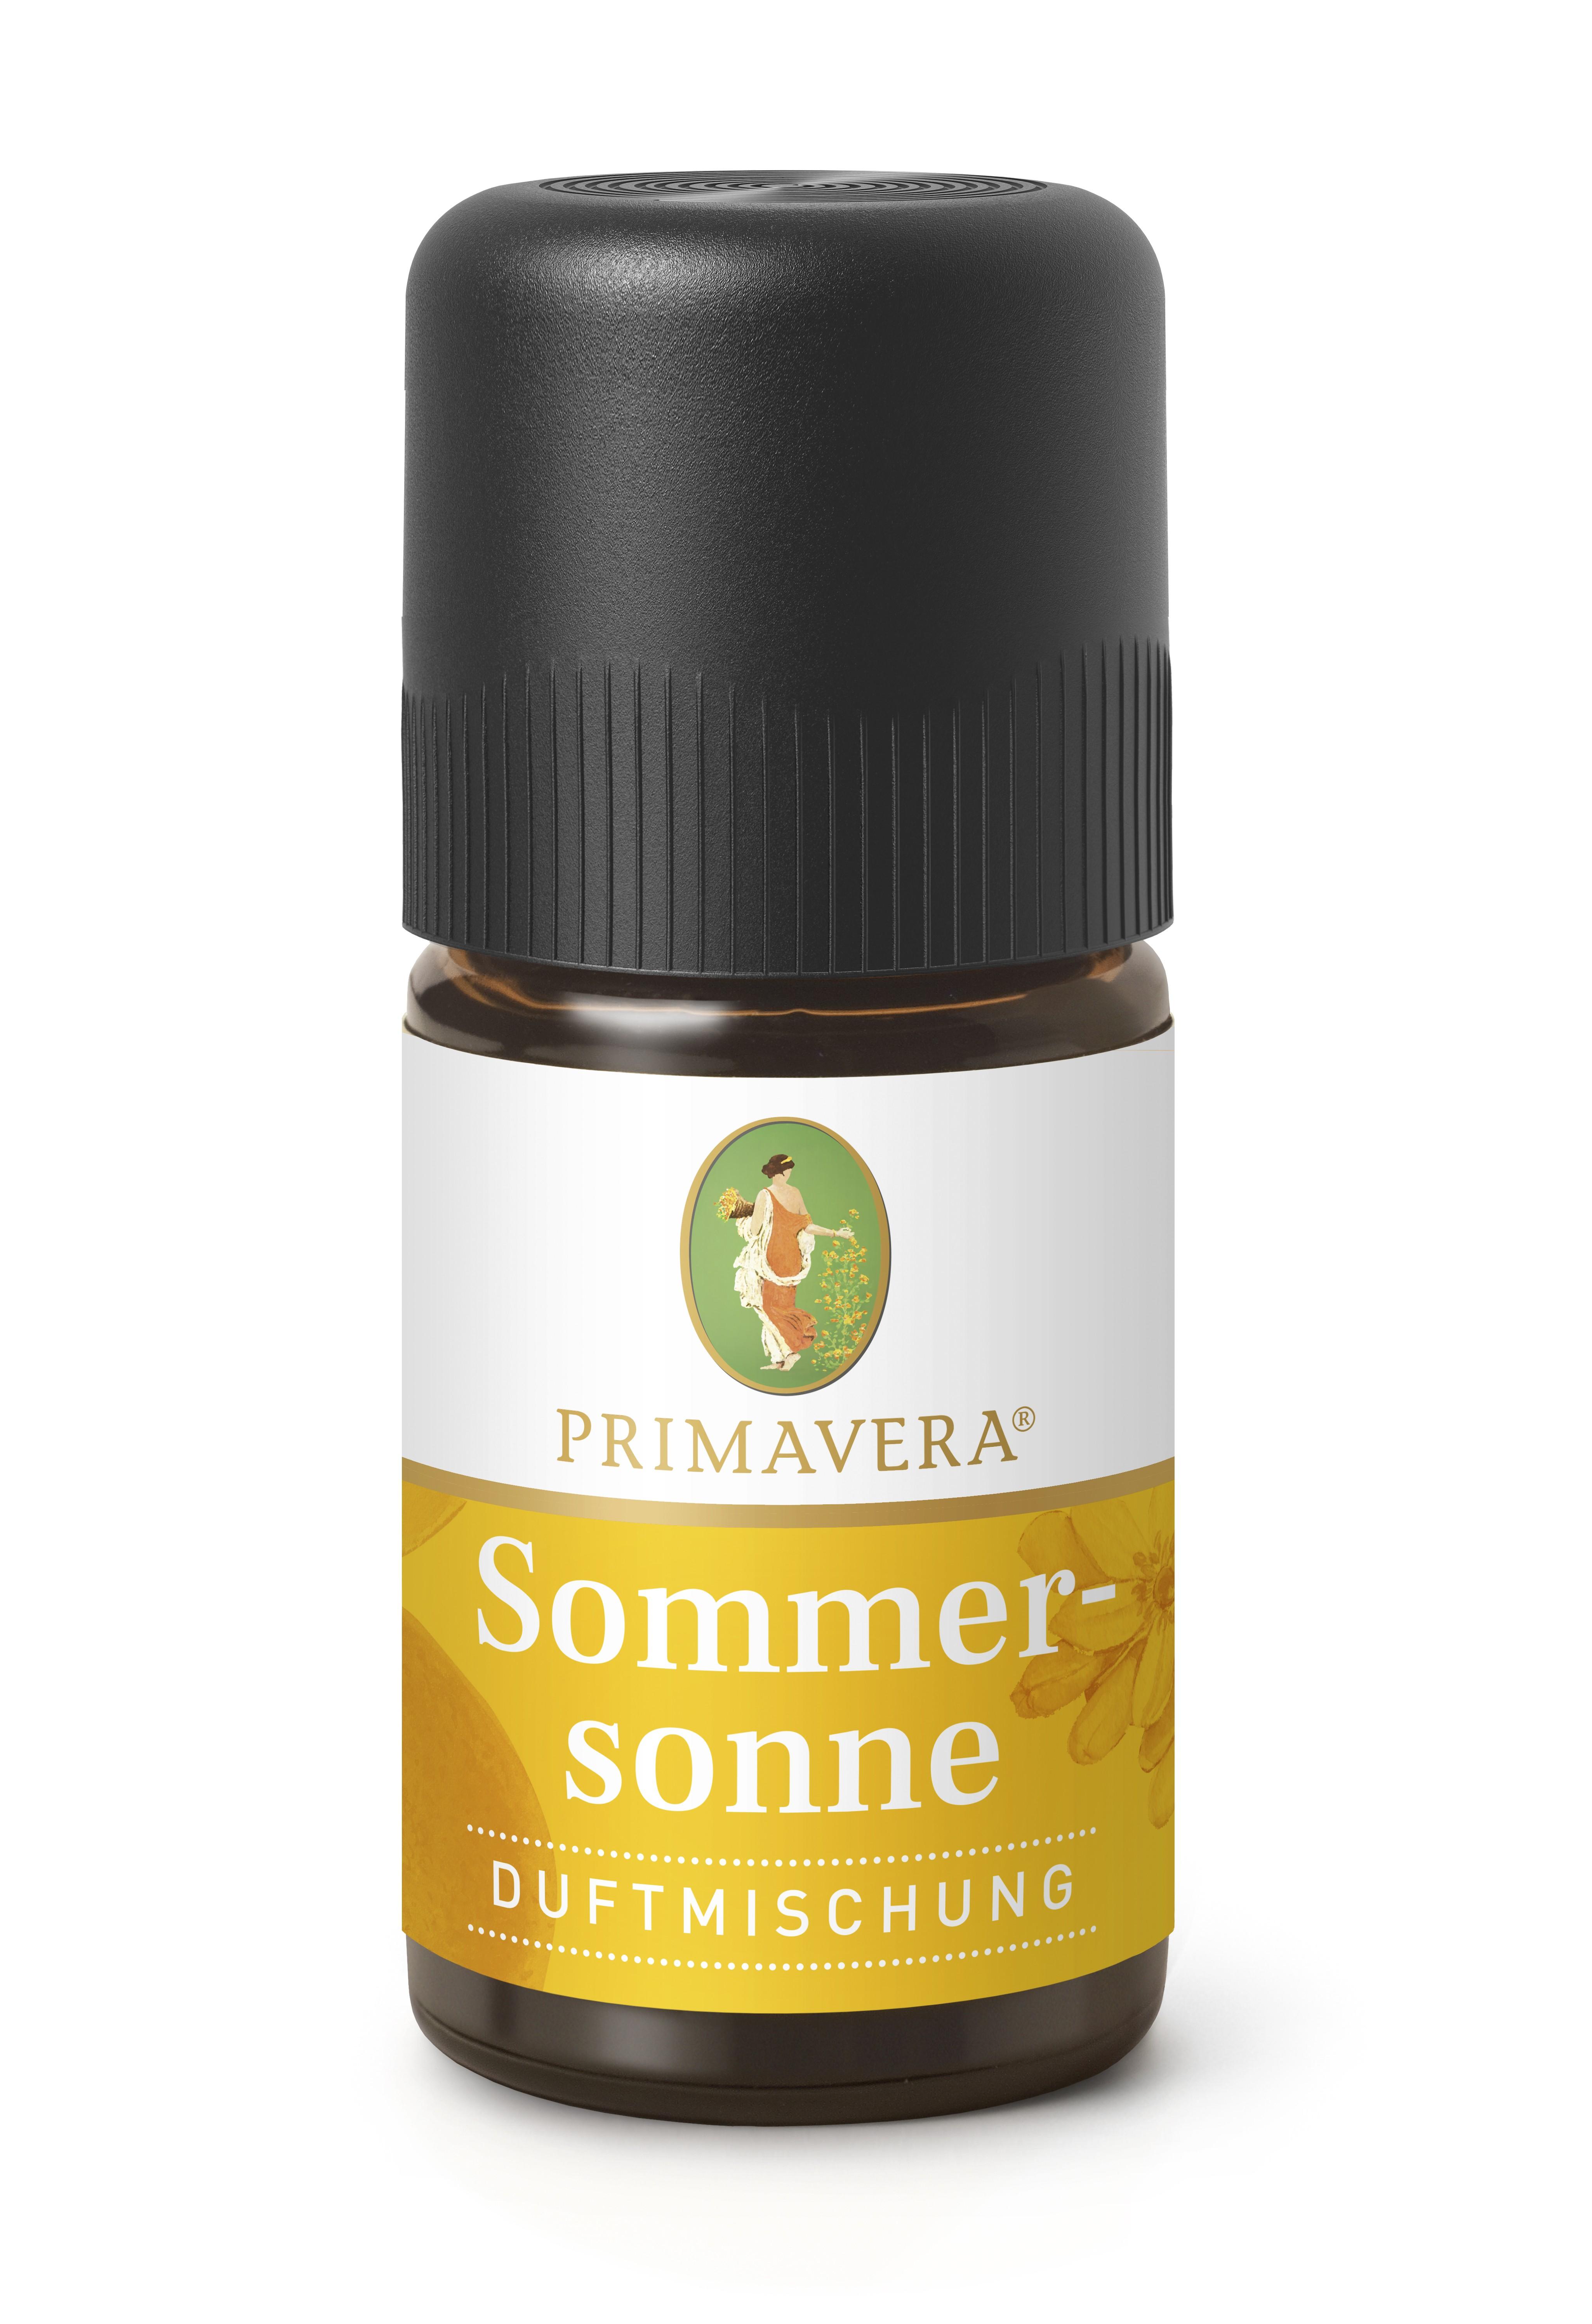 Sommersonne Duftmischung 5 ml bio